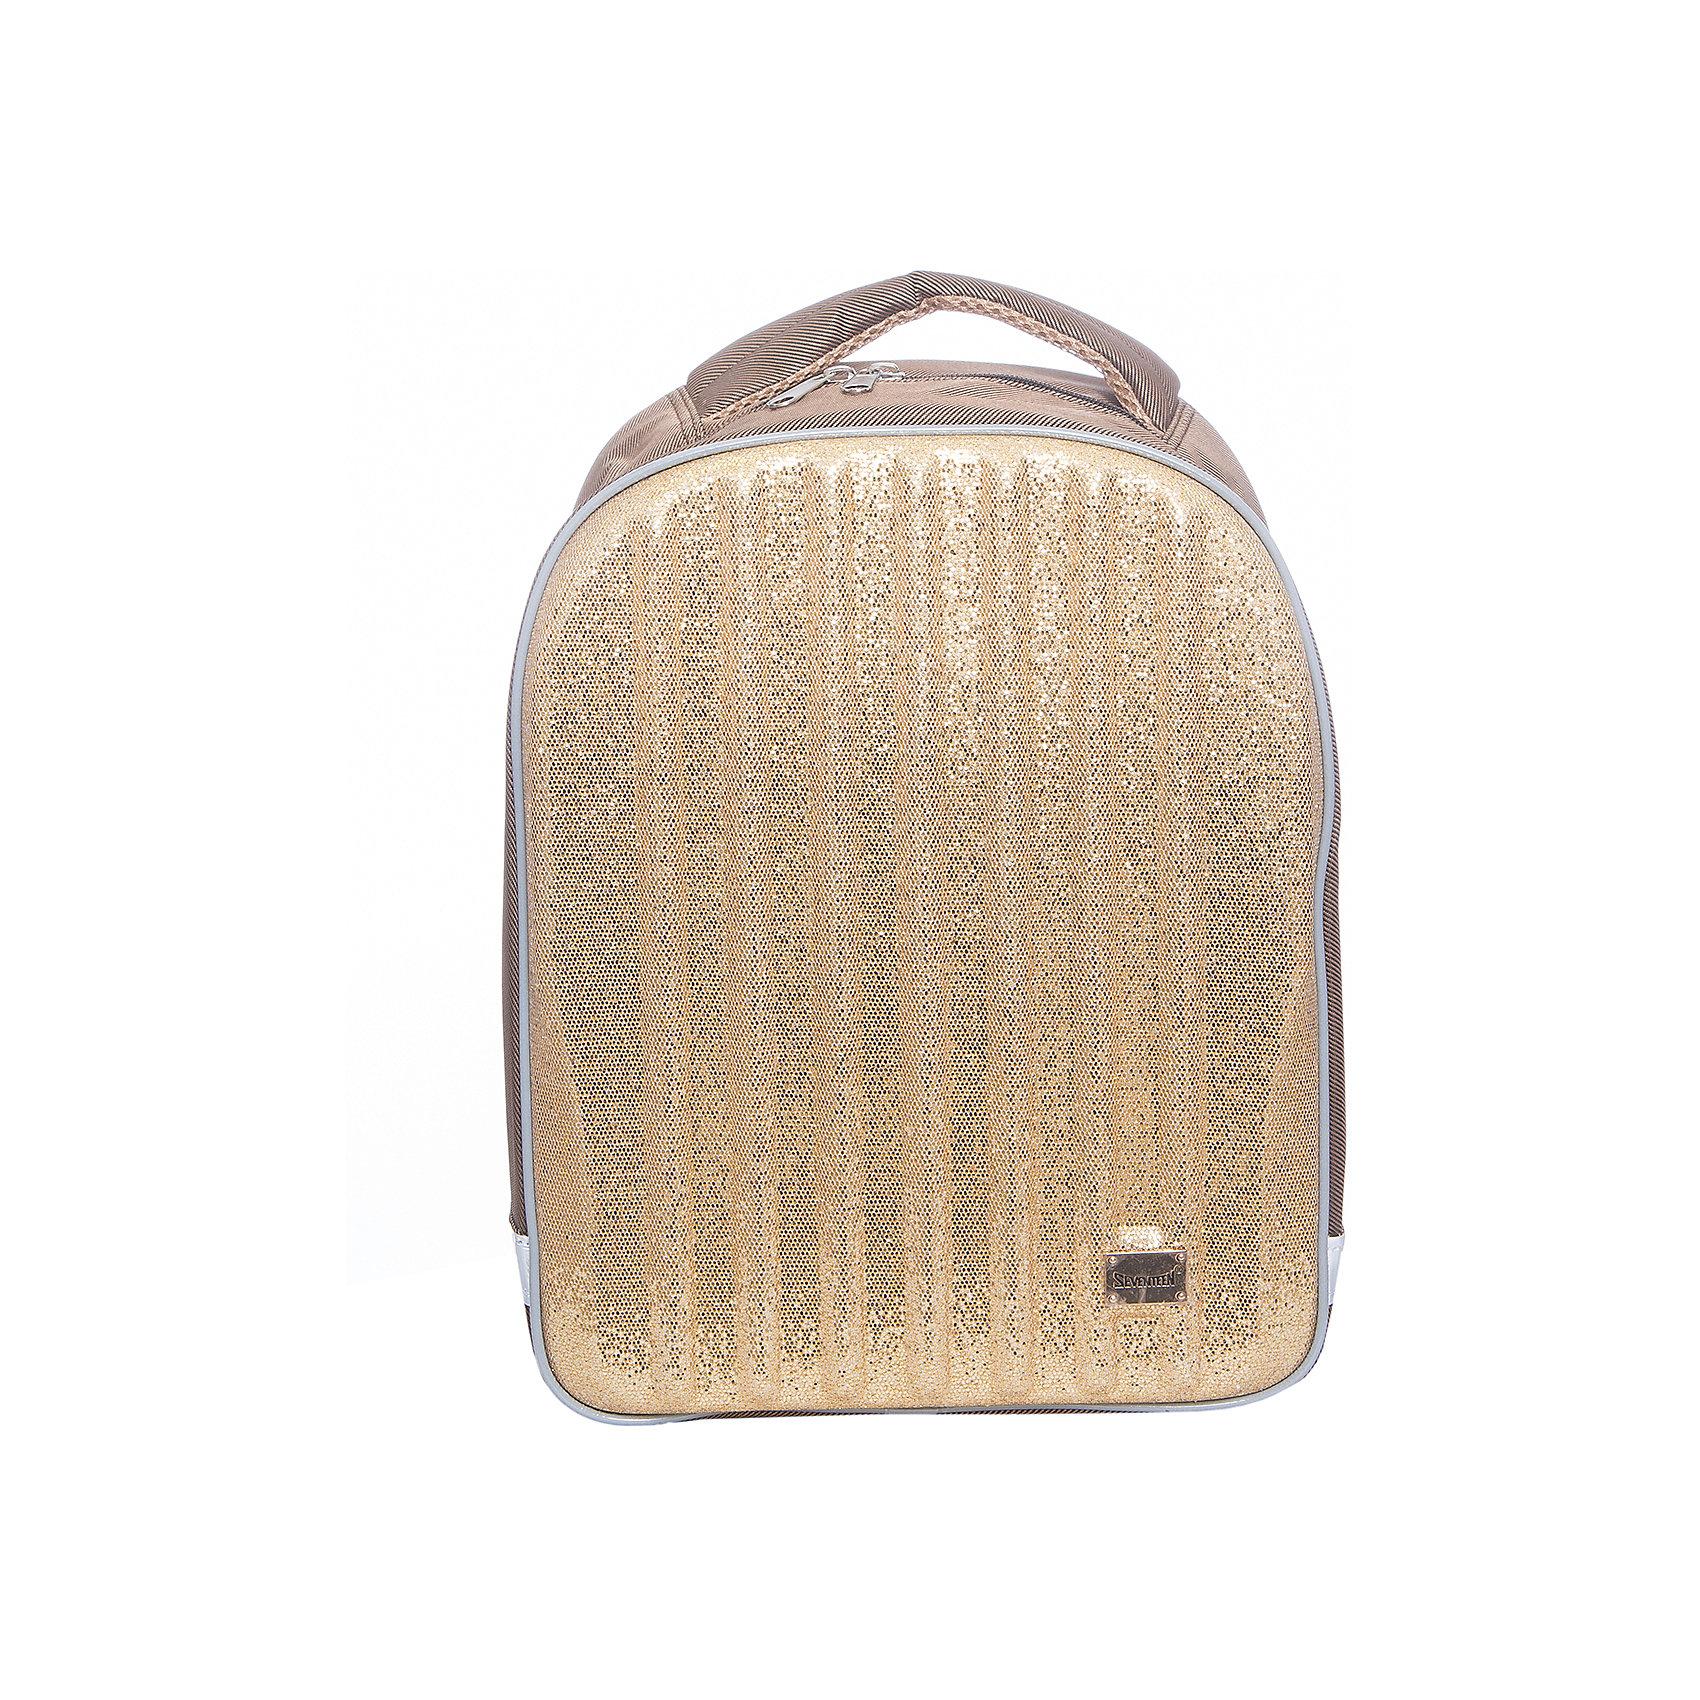 Рюкзак Kinderline Seventeen Kids + мешок для обувиРюкзаки<br>Набор школьника: рюкзак, мешок для обуви; упакован в рюкзак.<br>Состав набора:<br>- Рюкзак школьный, с одним отделением; с эргономической спинкой и лямками анатомической формы;<br>- мешок для обуви, затягивающийся шнуром-лямкой.Размер 40 х 33 х 14 см.<br><br>Ширина мм: 150<br>Глубина мм: 280<br>Высота мм: 390<br>Вес г: 650<br>Возраст от месяцев: 72<br>Возраст до месяцев: 2147483647<br>Пол: Женский<br>Возраст: Детский<br>SKU: 6891435